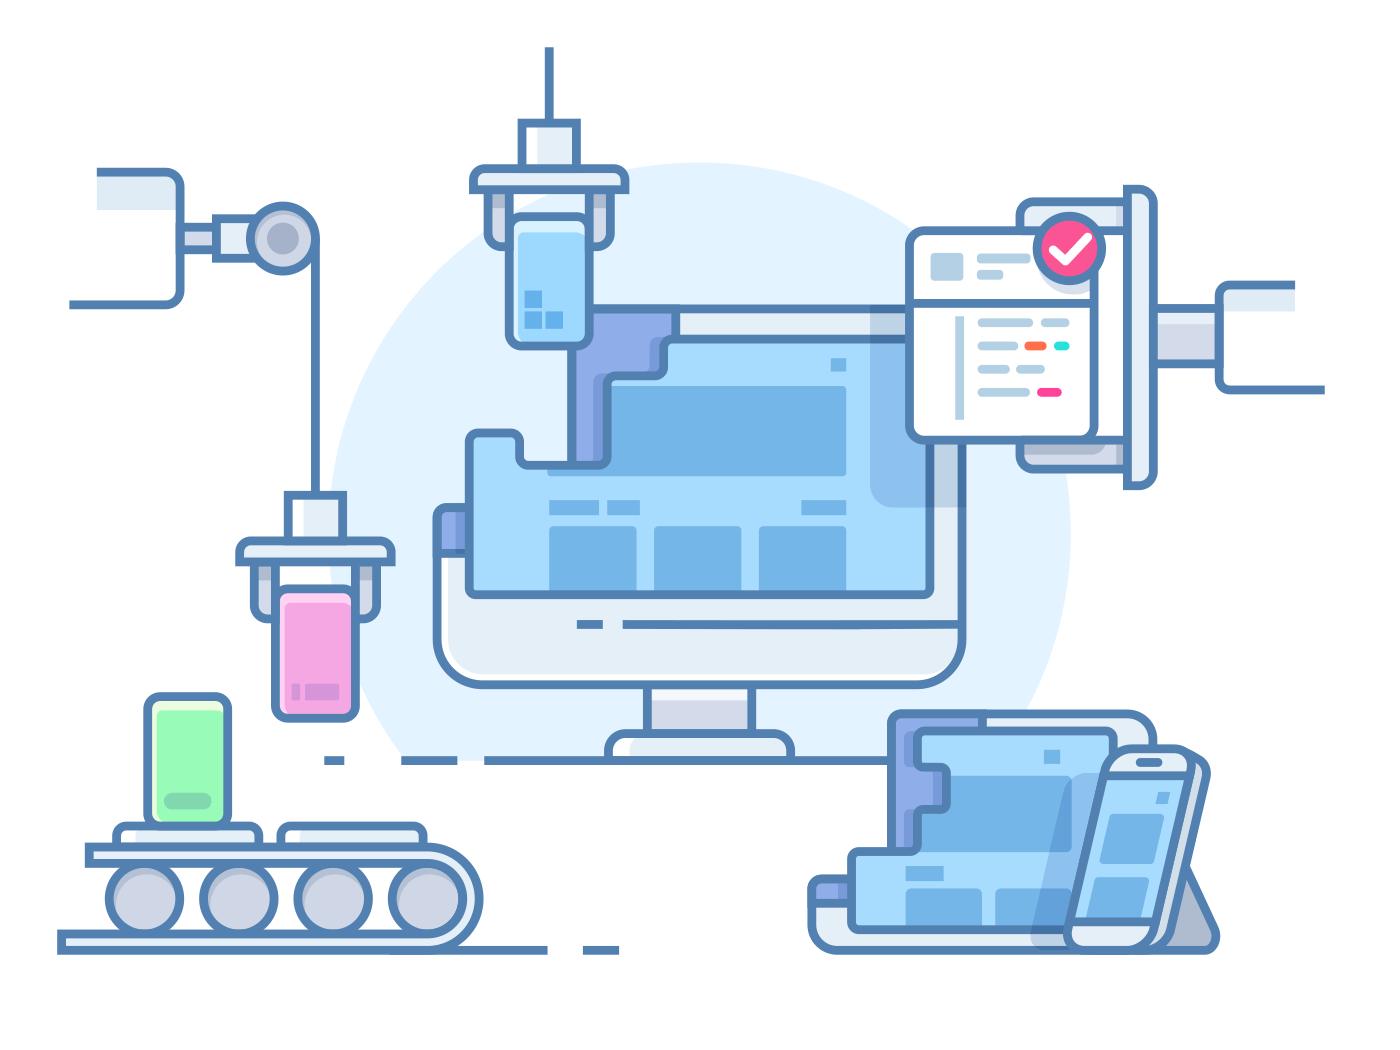 Website building design line vector illustration